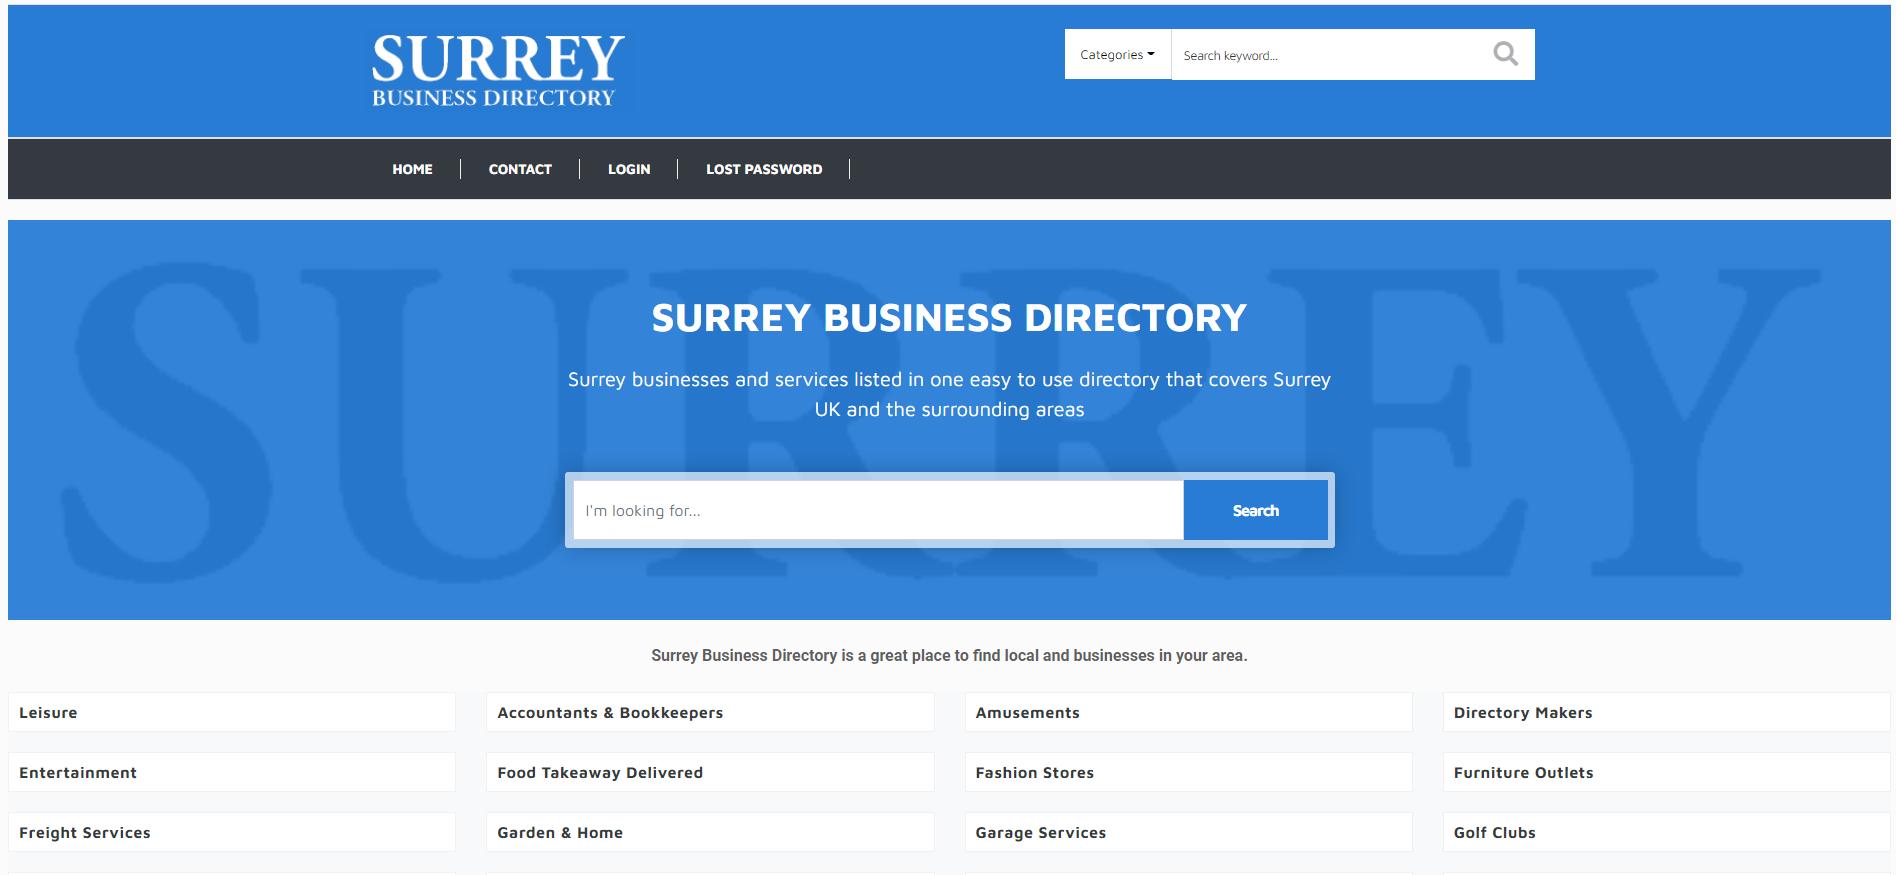 Surrey Business Directory Website By T900 Website Design in Surrey